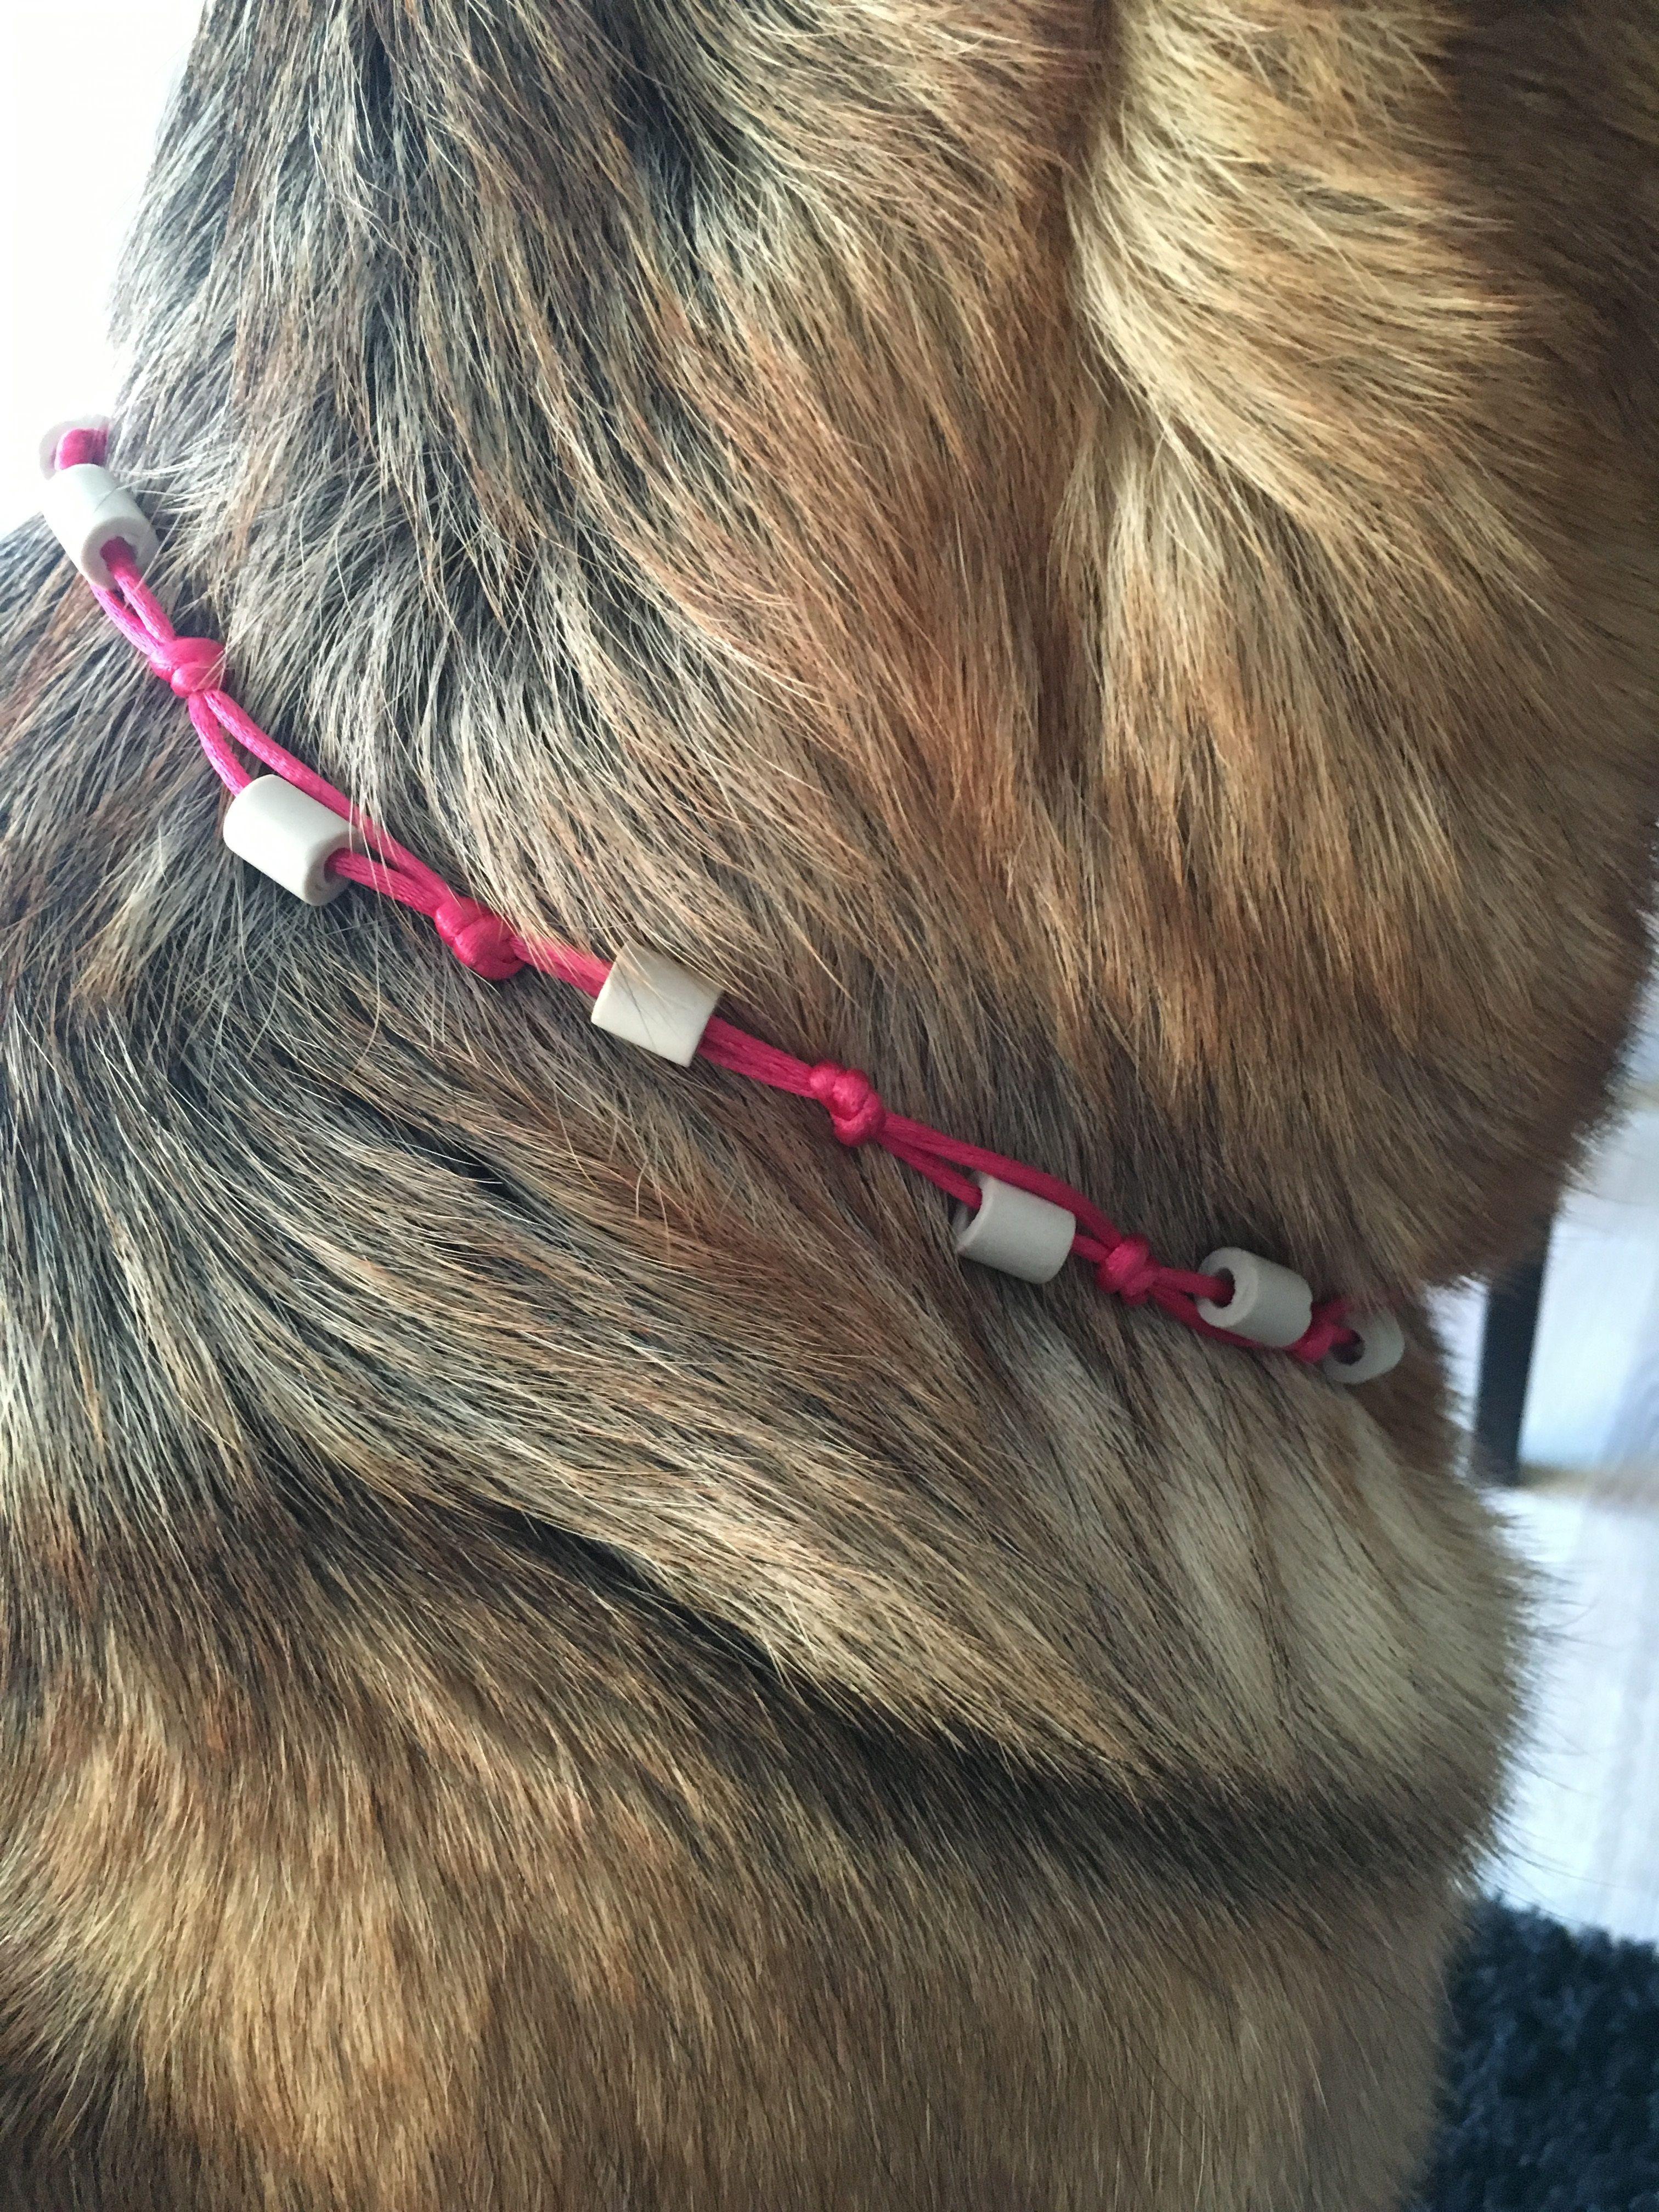 Wir Haben Em Keramik Halsbander Gegen Zecken Getestet Und Berichten Euch Heute Von Unseren Erfahrungen Die Wir I Em Keramik Halsband Zecken Tricks Fur Hunde